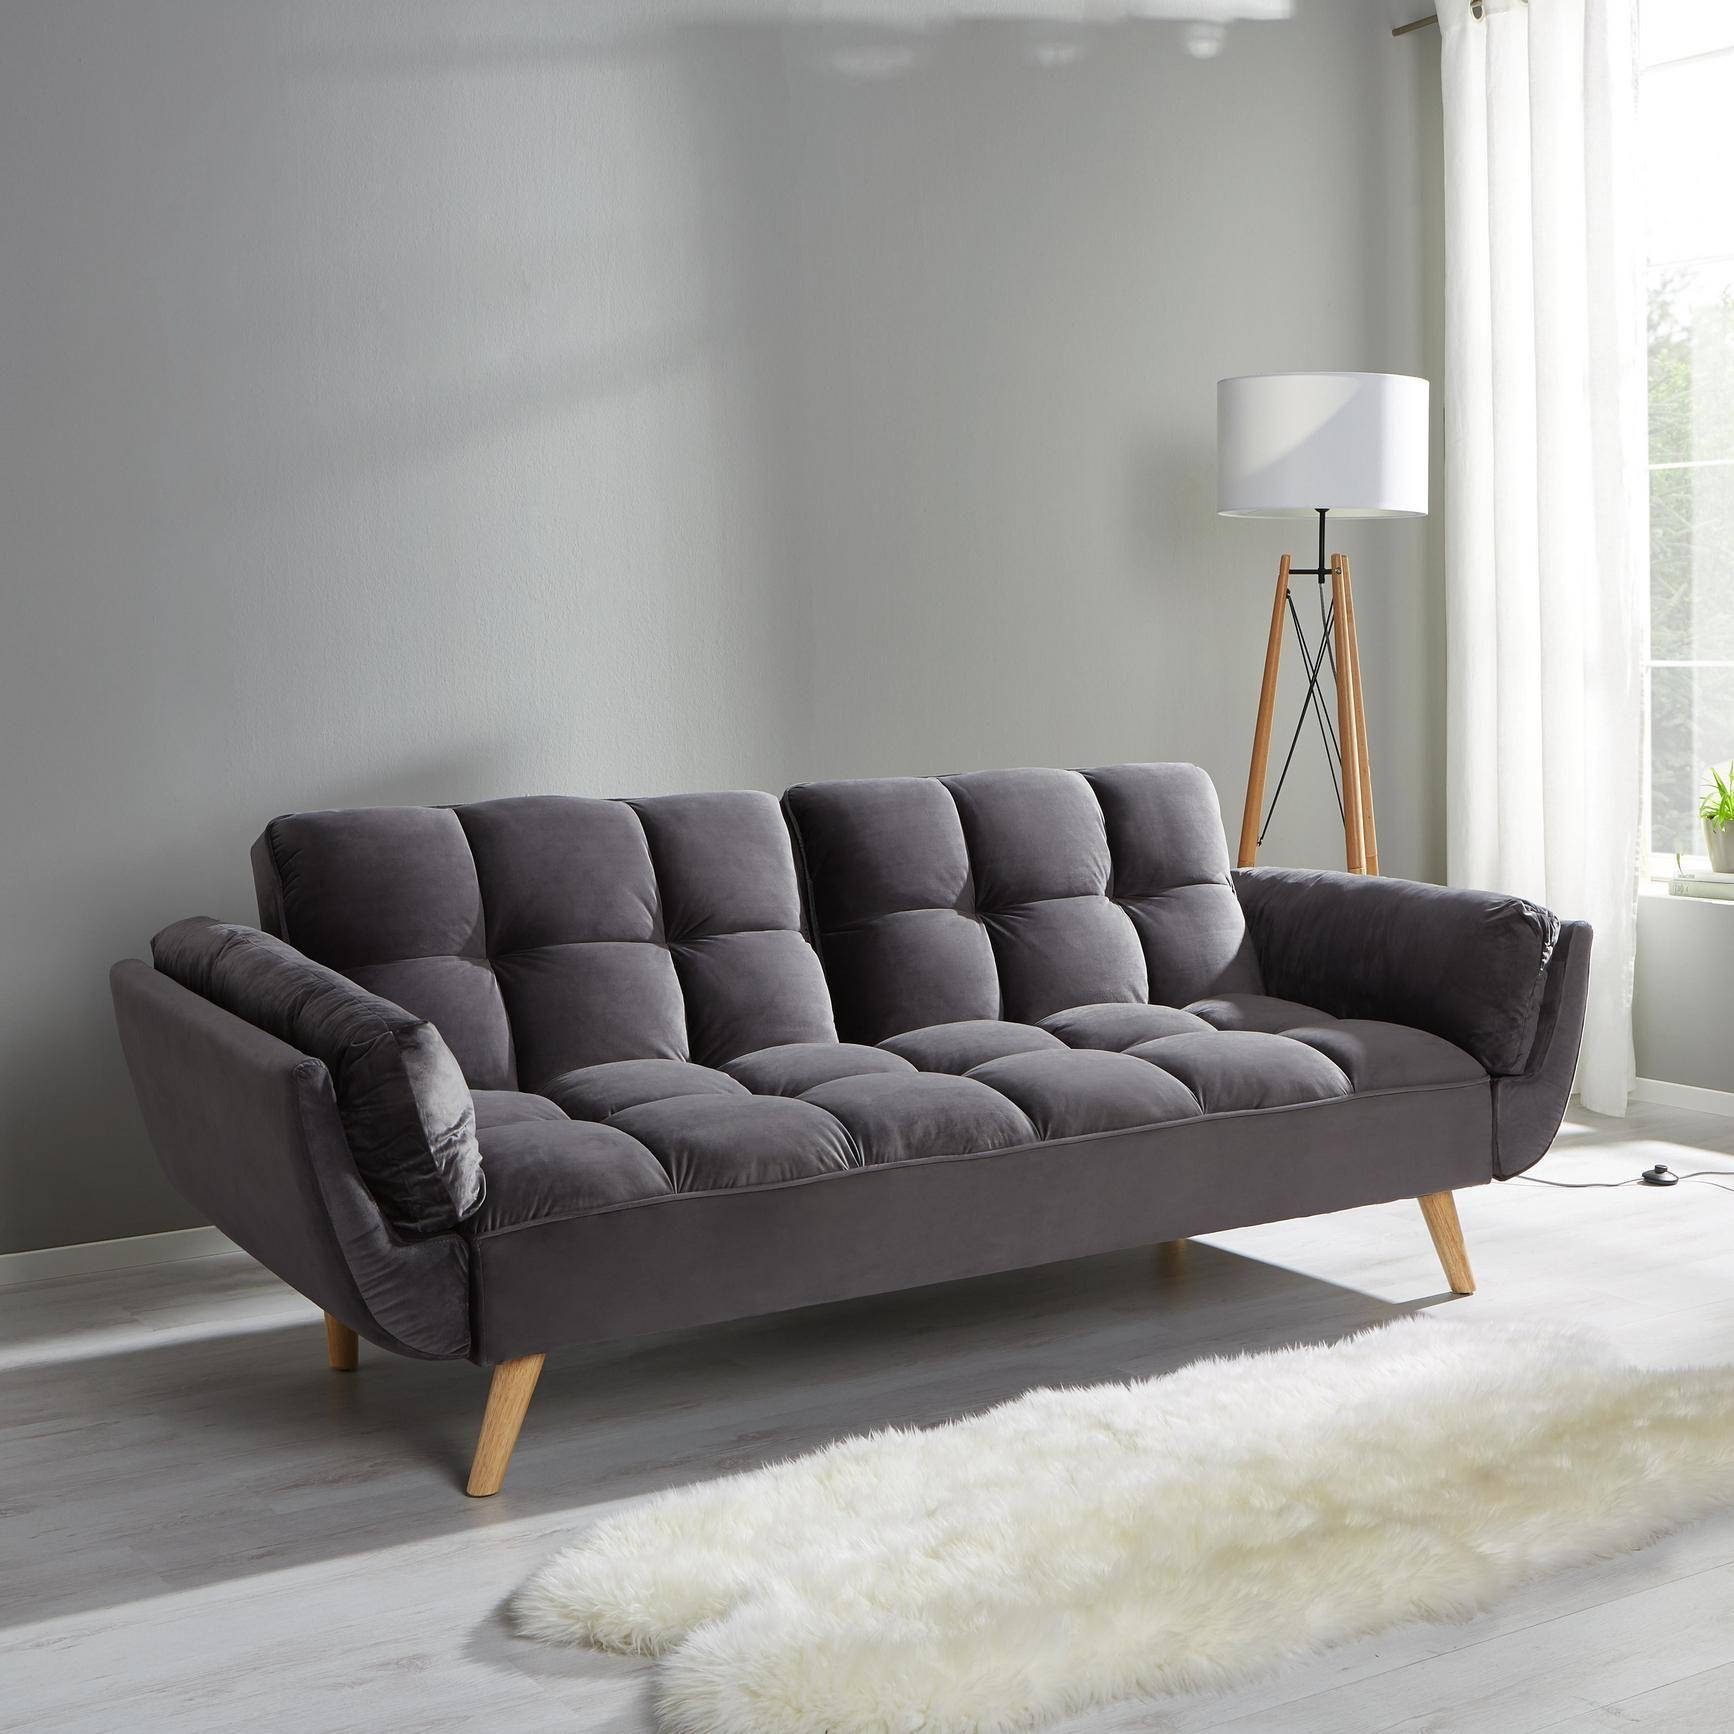 Sofa Clara Mit Schlaffunktion Online Kaufen Momax Schlafsofa Design Schlafsofa Sofa